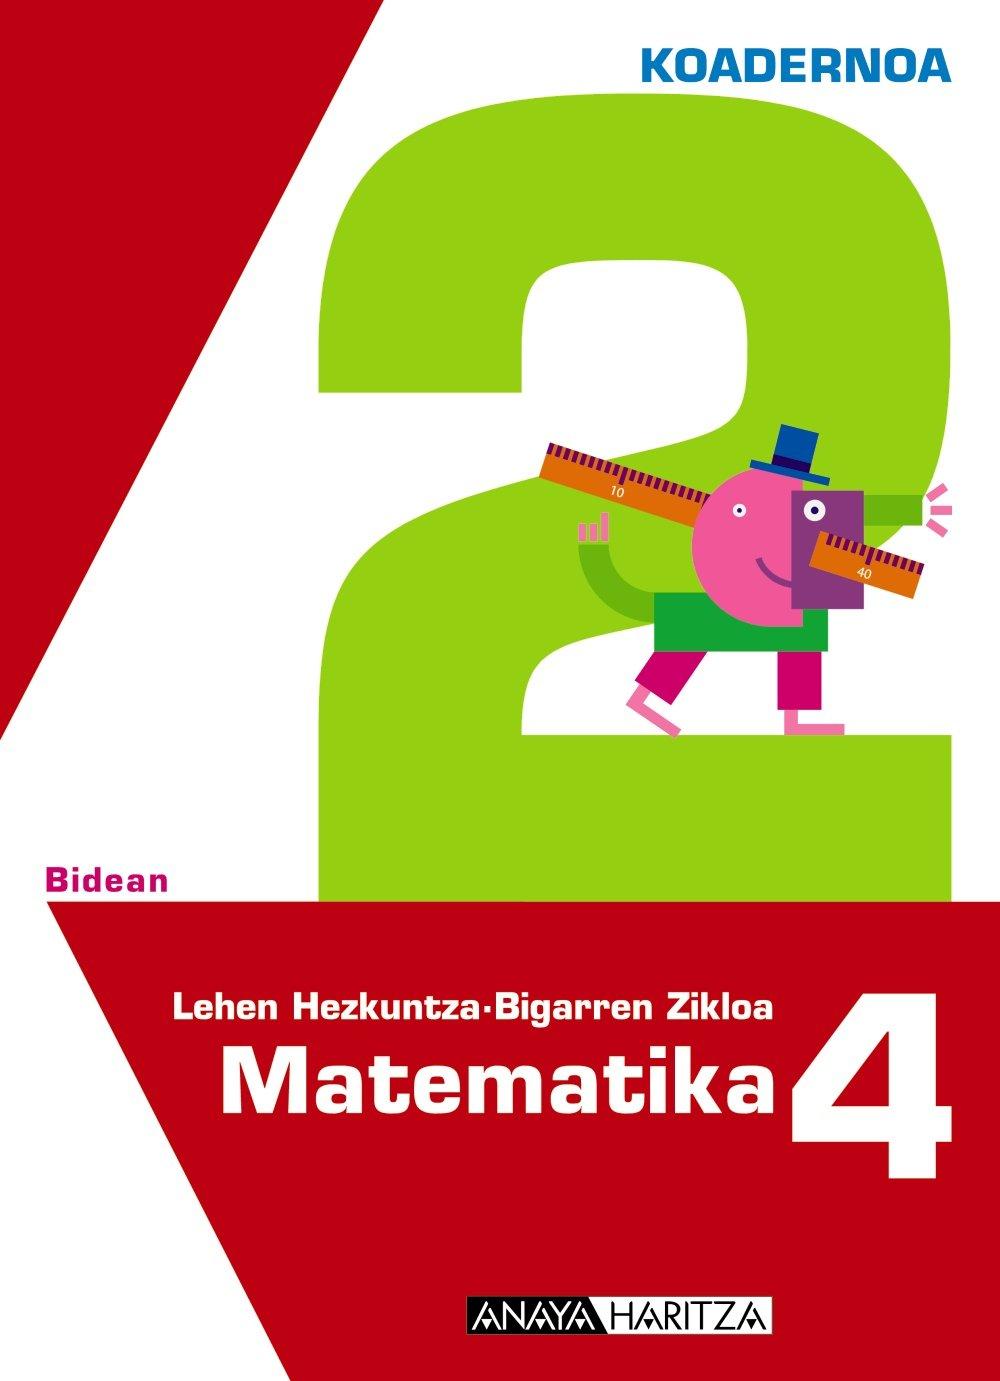 Matematika 4. 2 koadernoa. (Bidean) (Euskera) Tapa blanda – 19 jul 2012 Luis Ferrero de Pablo Anaya Haritza 8467821647 YQ